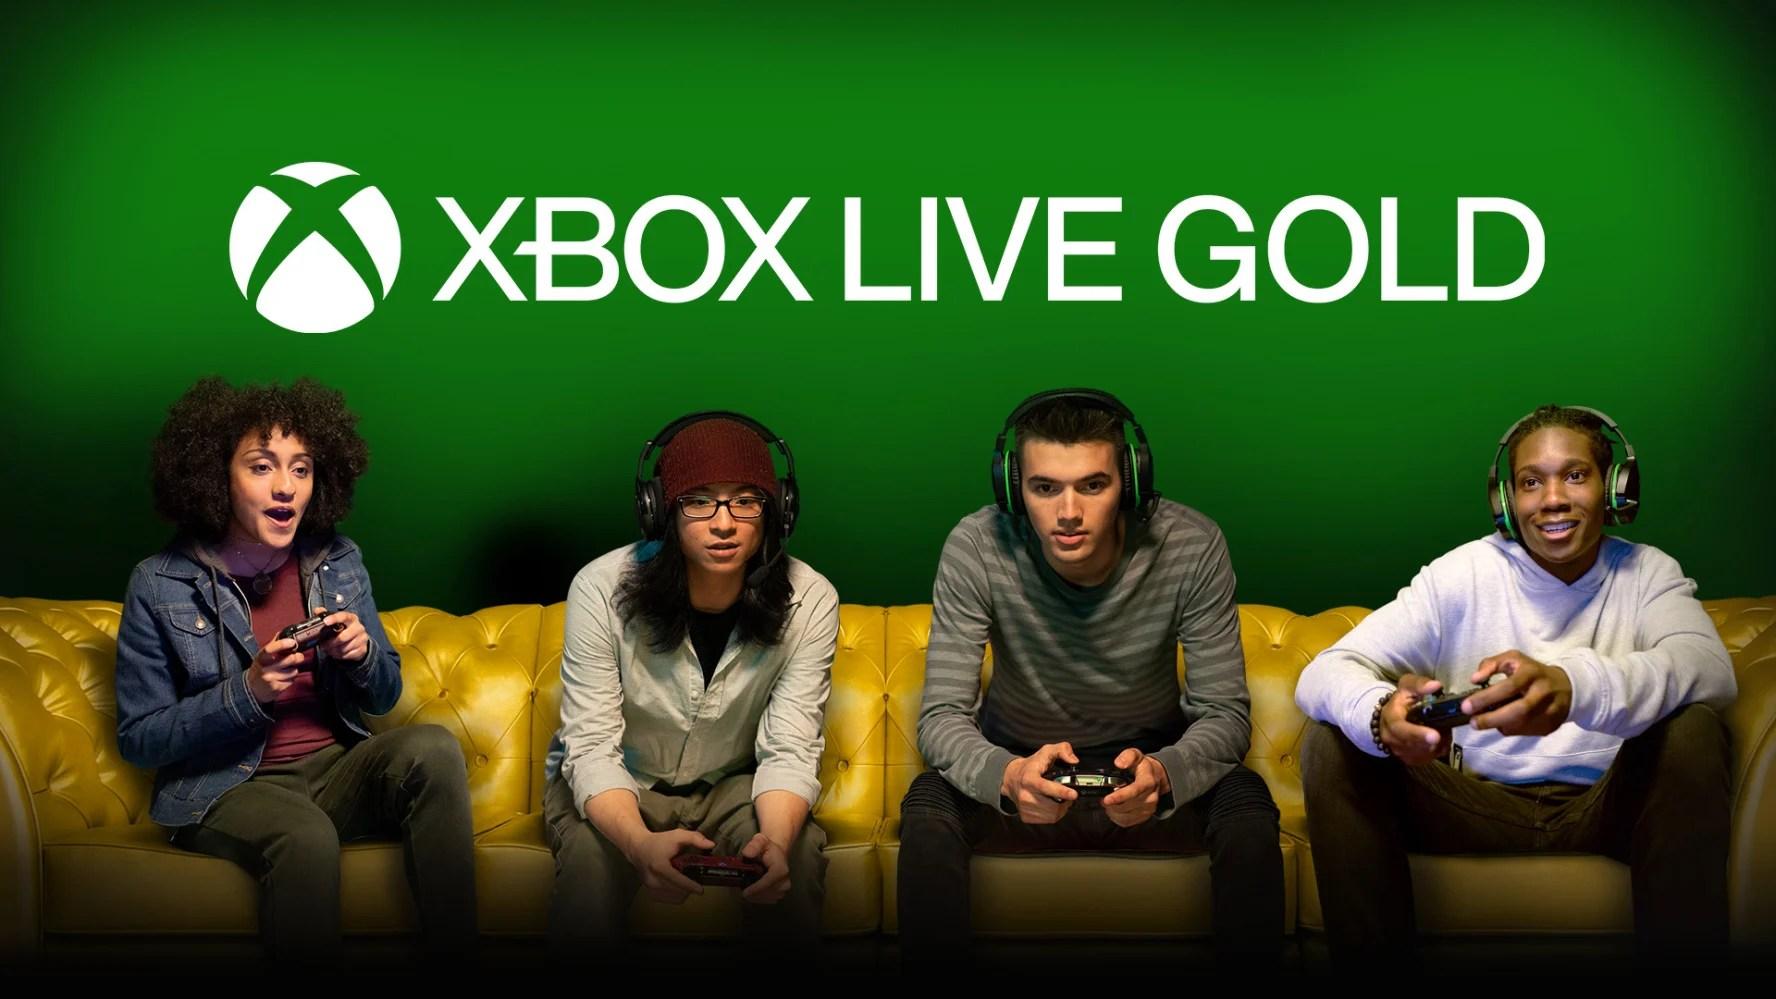 Xbox Live Gold : Microsoft augmente le prix de l'abonnement, aux États-Unis pour le moment